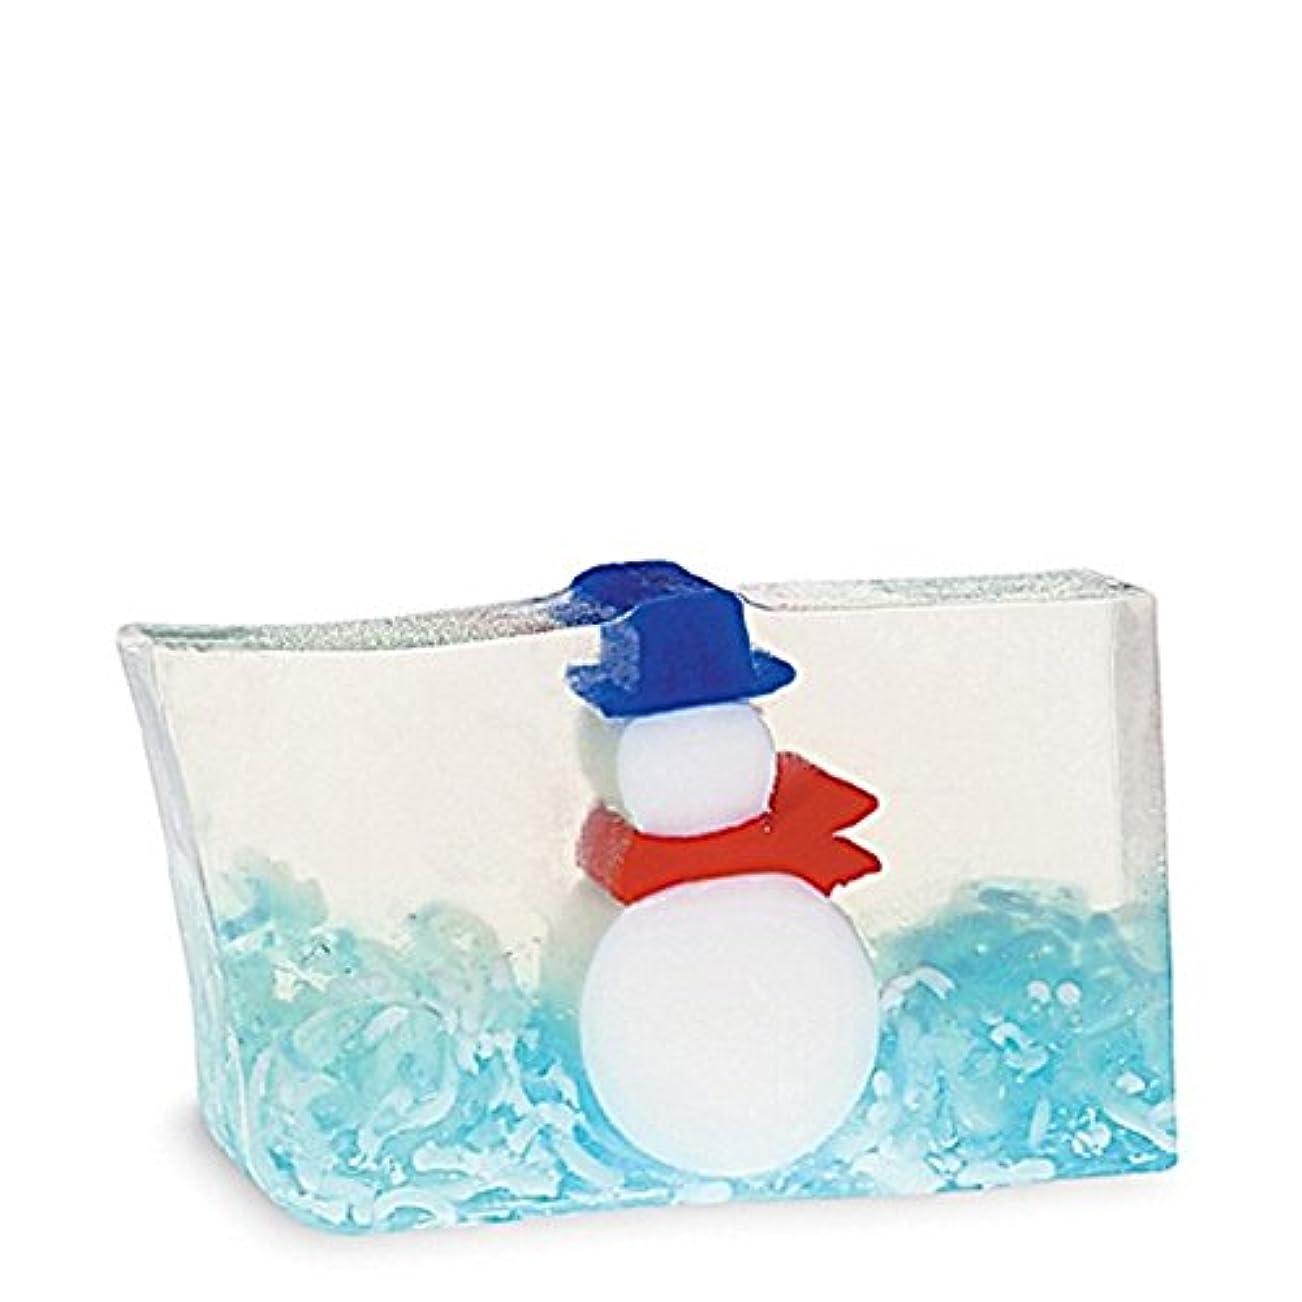 墓合理的放棄原初の要素雪だるま石鹸170グラム x2 - Primal Elements Snowman Soap 170g (Pack of 2) [並行輸入品]